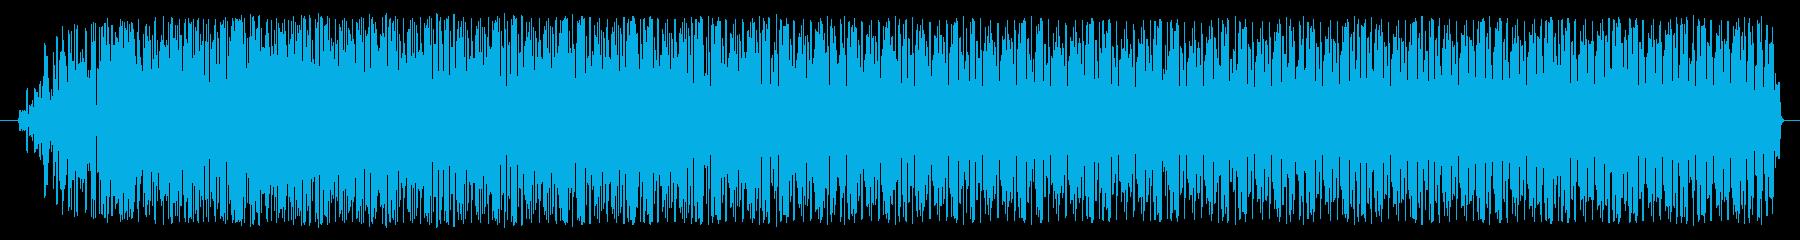 ブワ〜ダダダダ(エンジンが響く音)の再生済みの波形